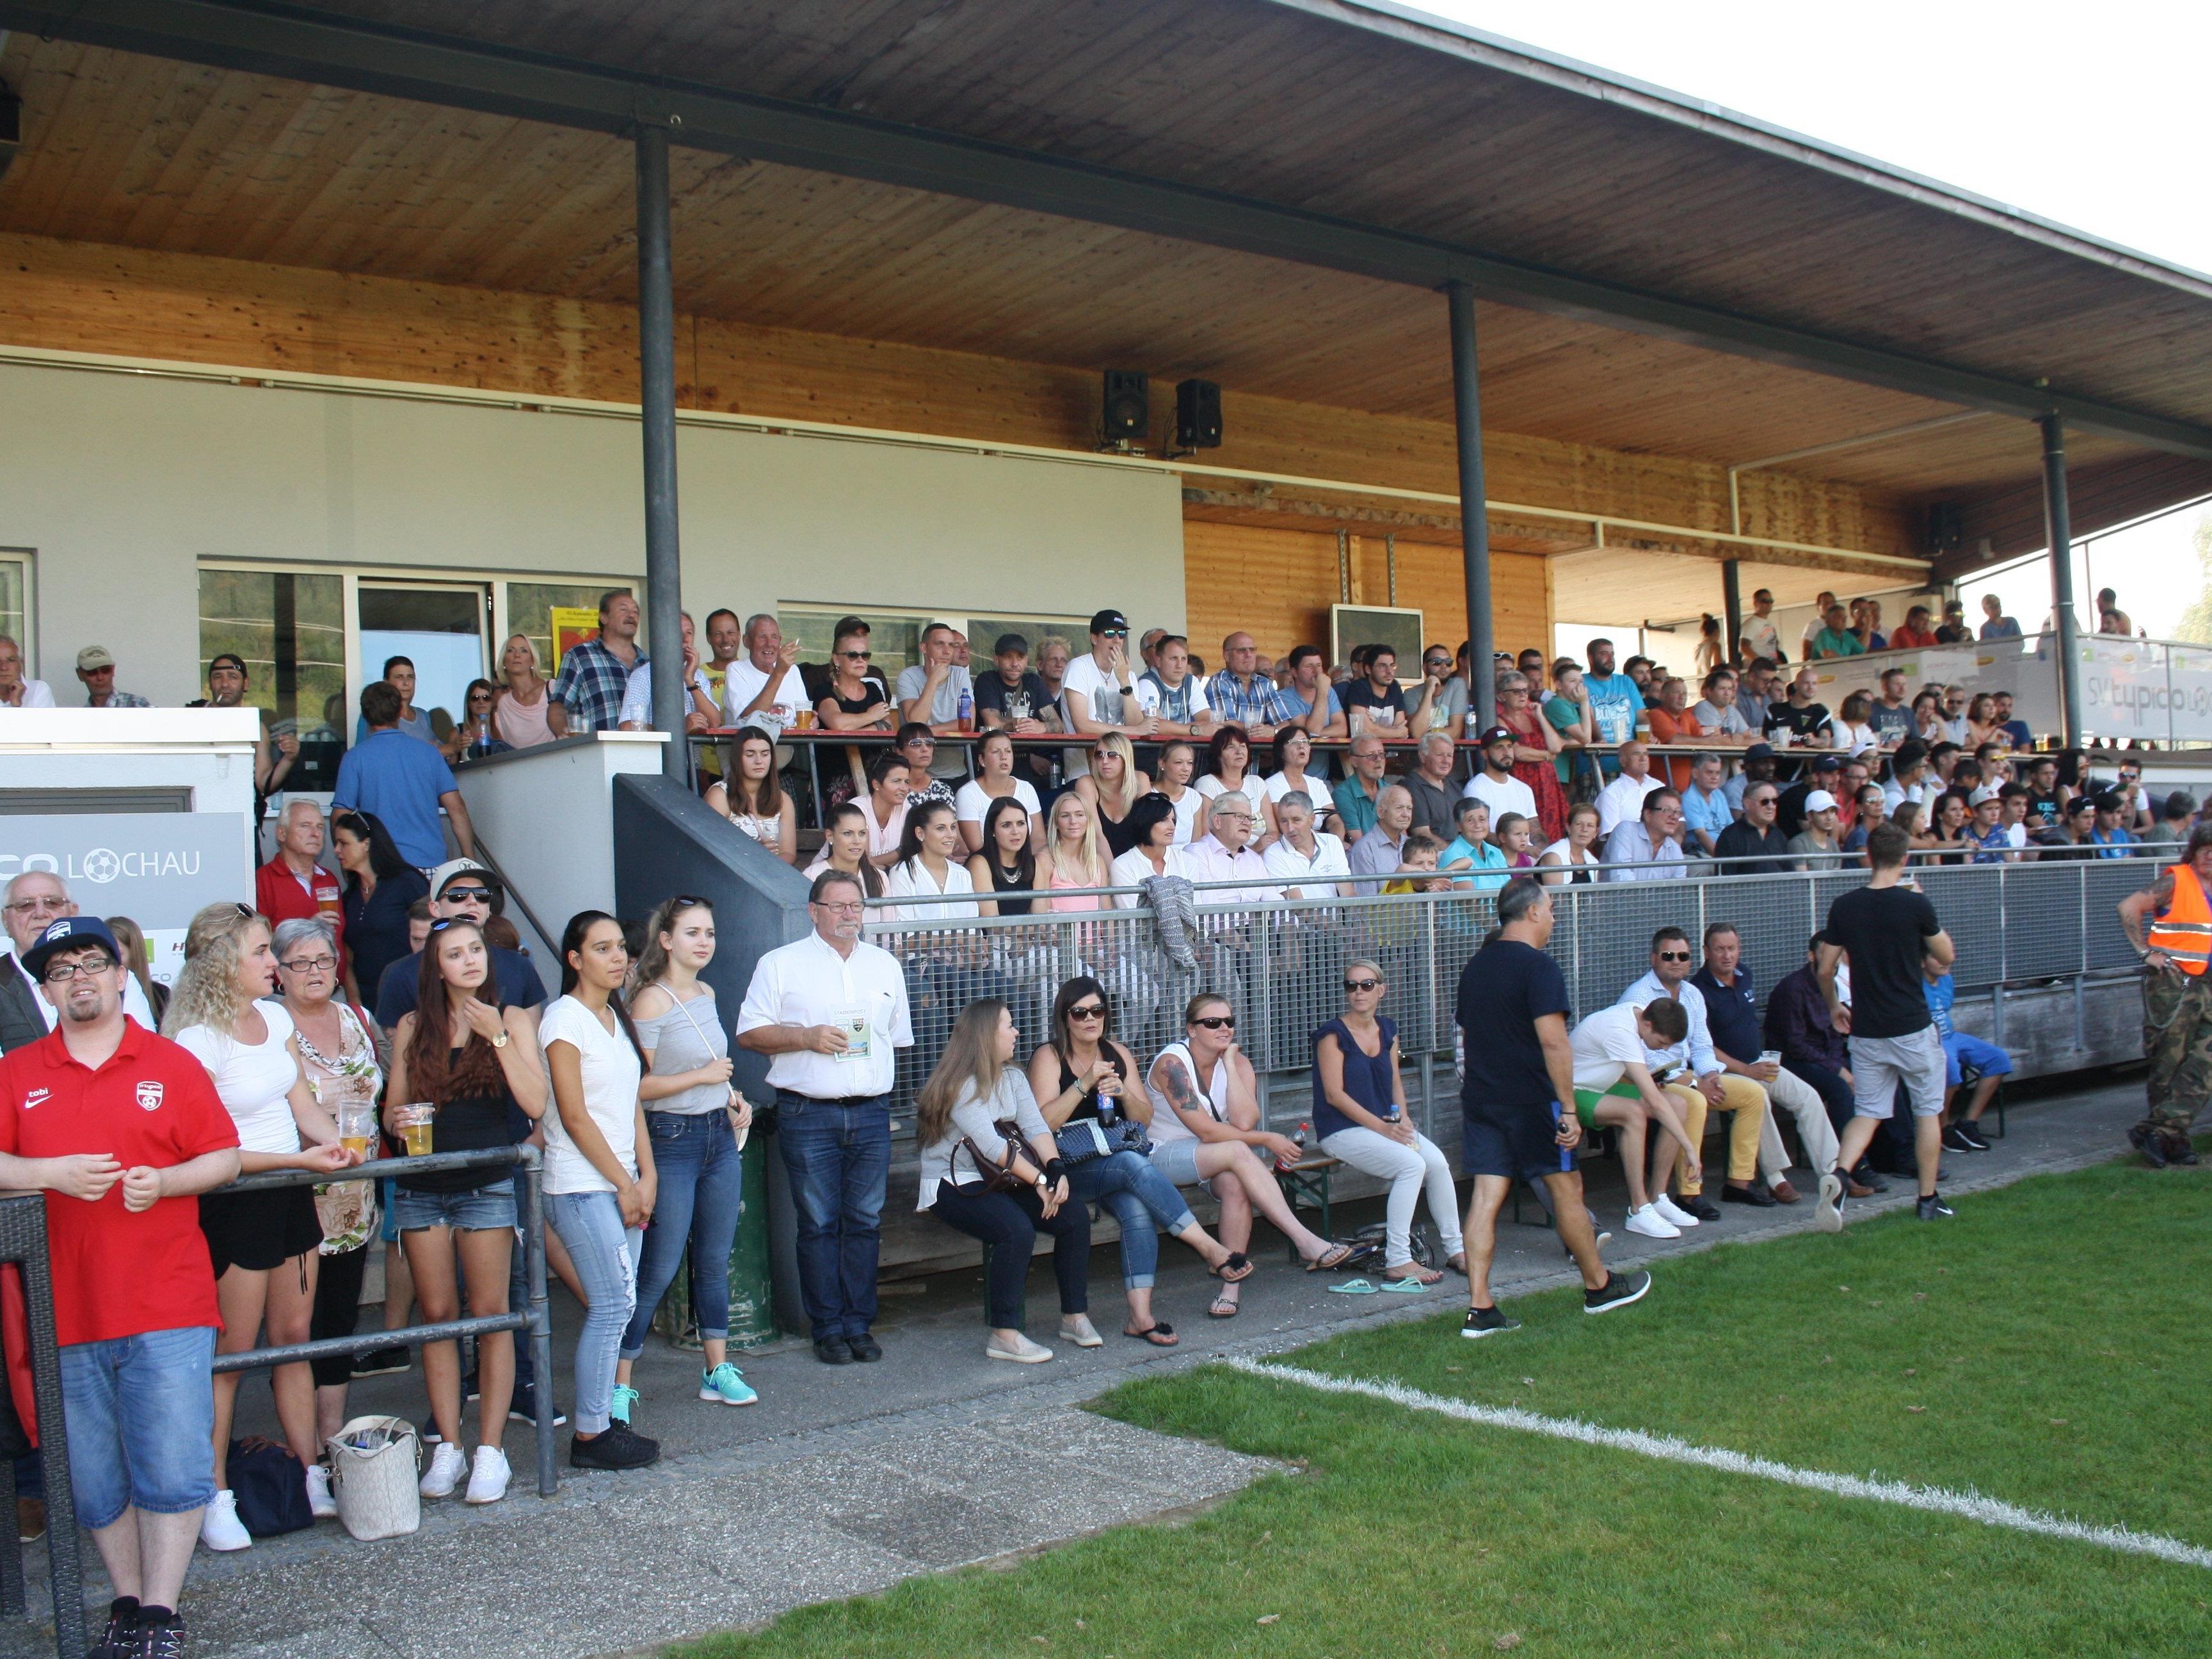 Ein volles Haus und beste Fußballstimmung bei den Heimspielen des SV Typico Lochau im Stadion am Hoferfeld.